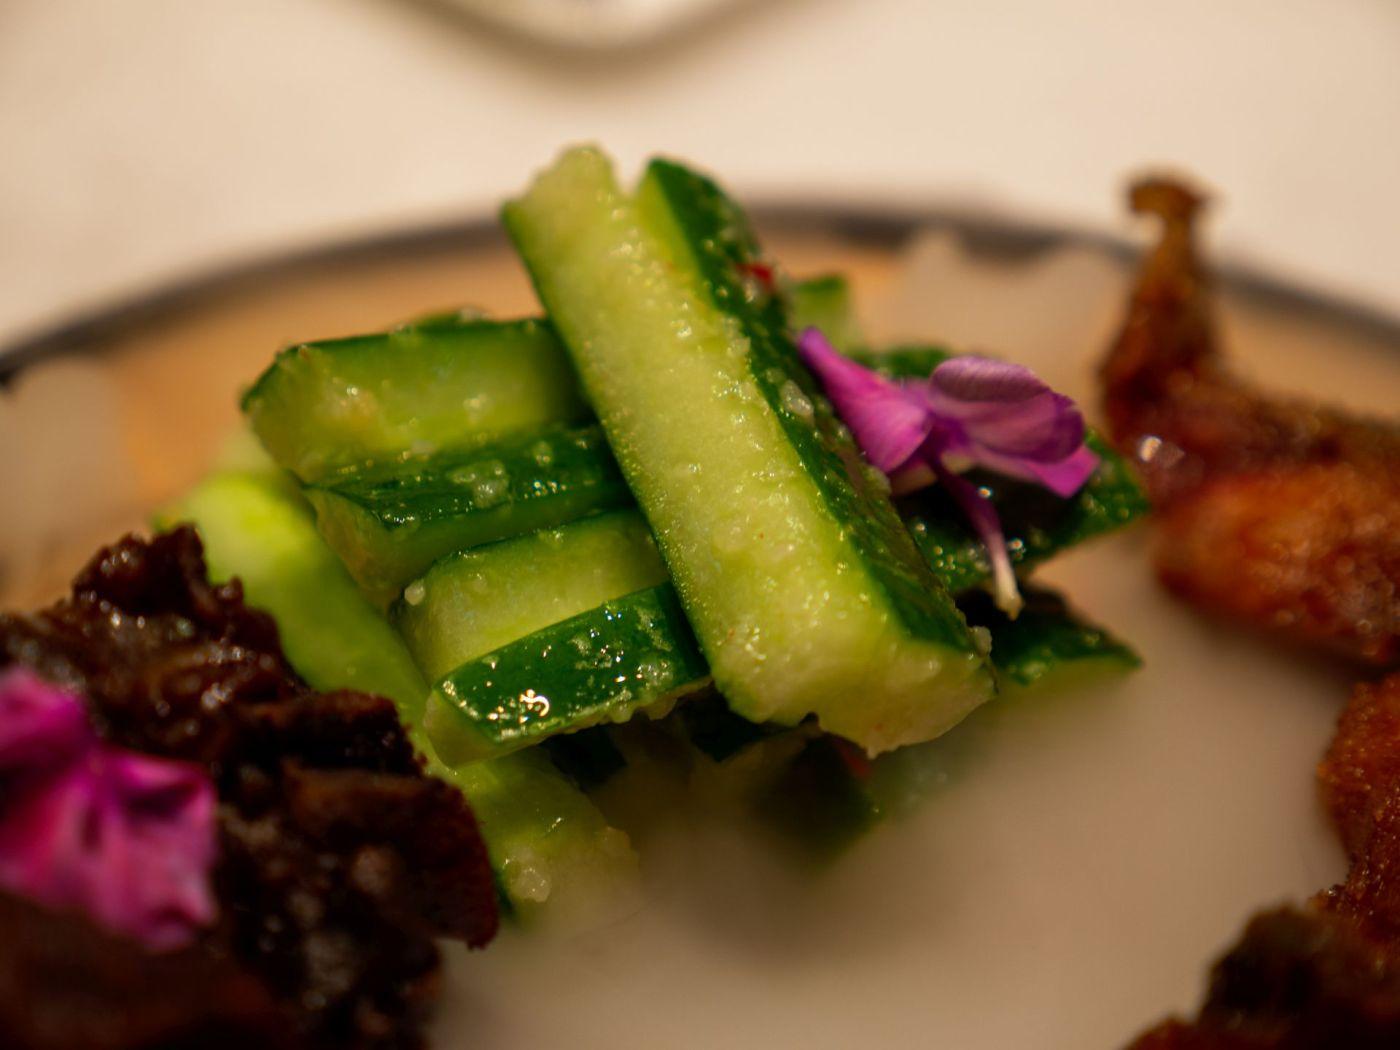 Jinling Dumpling - ogórki przyrządzone z czosnkiem